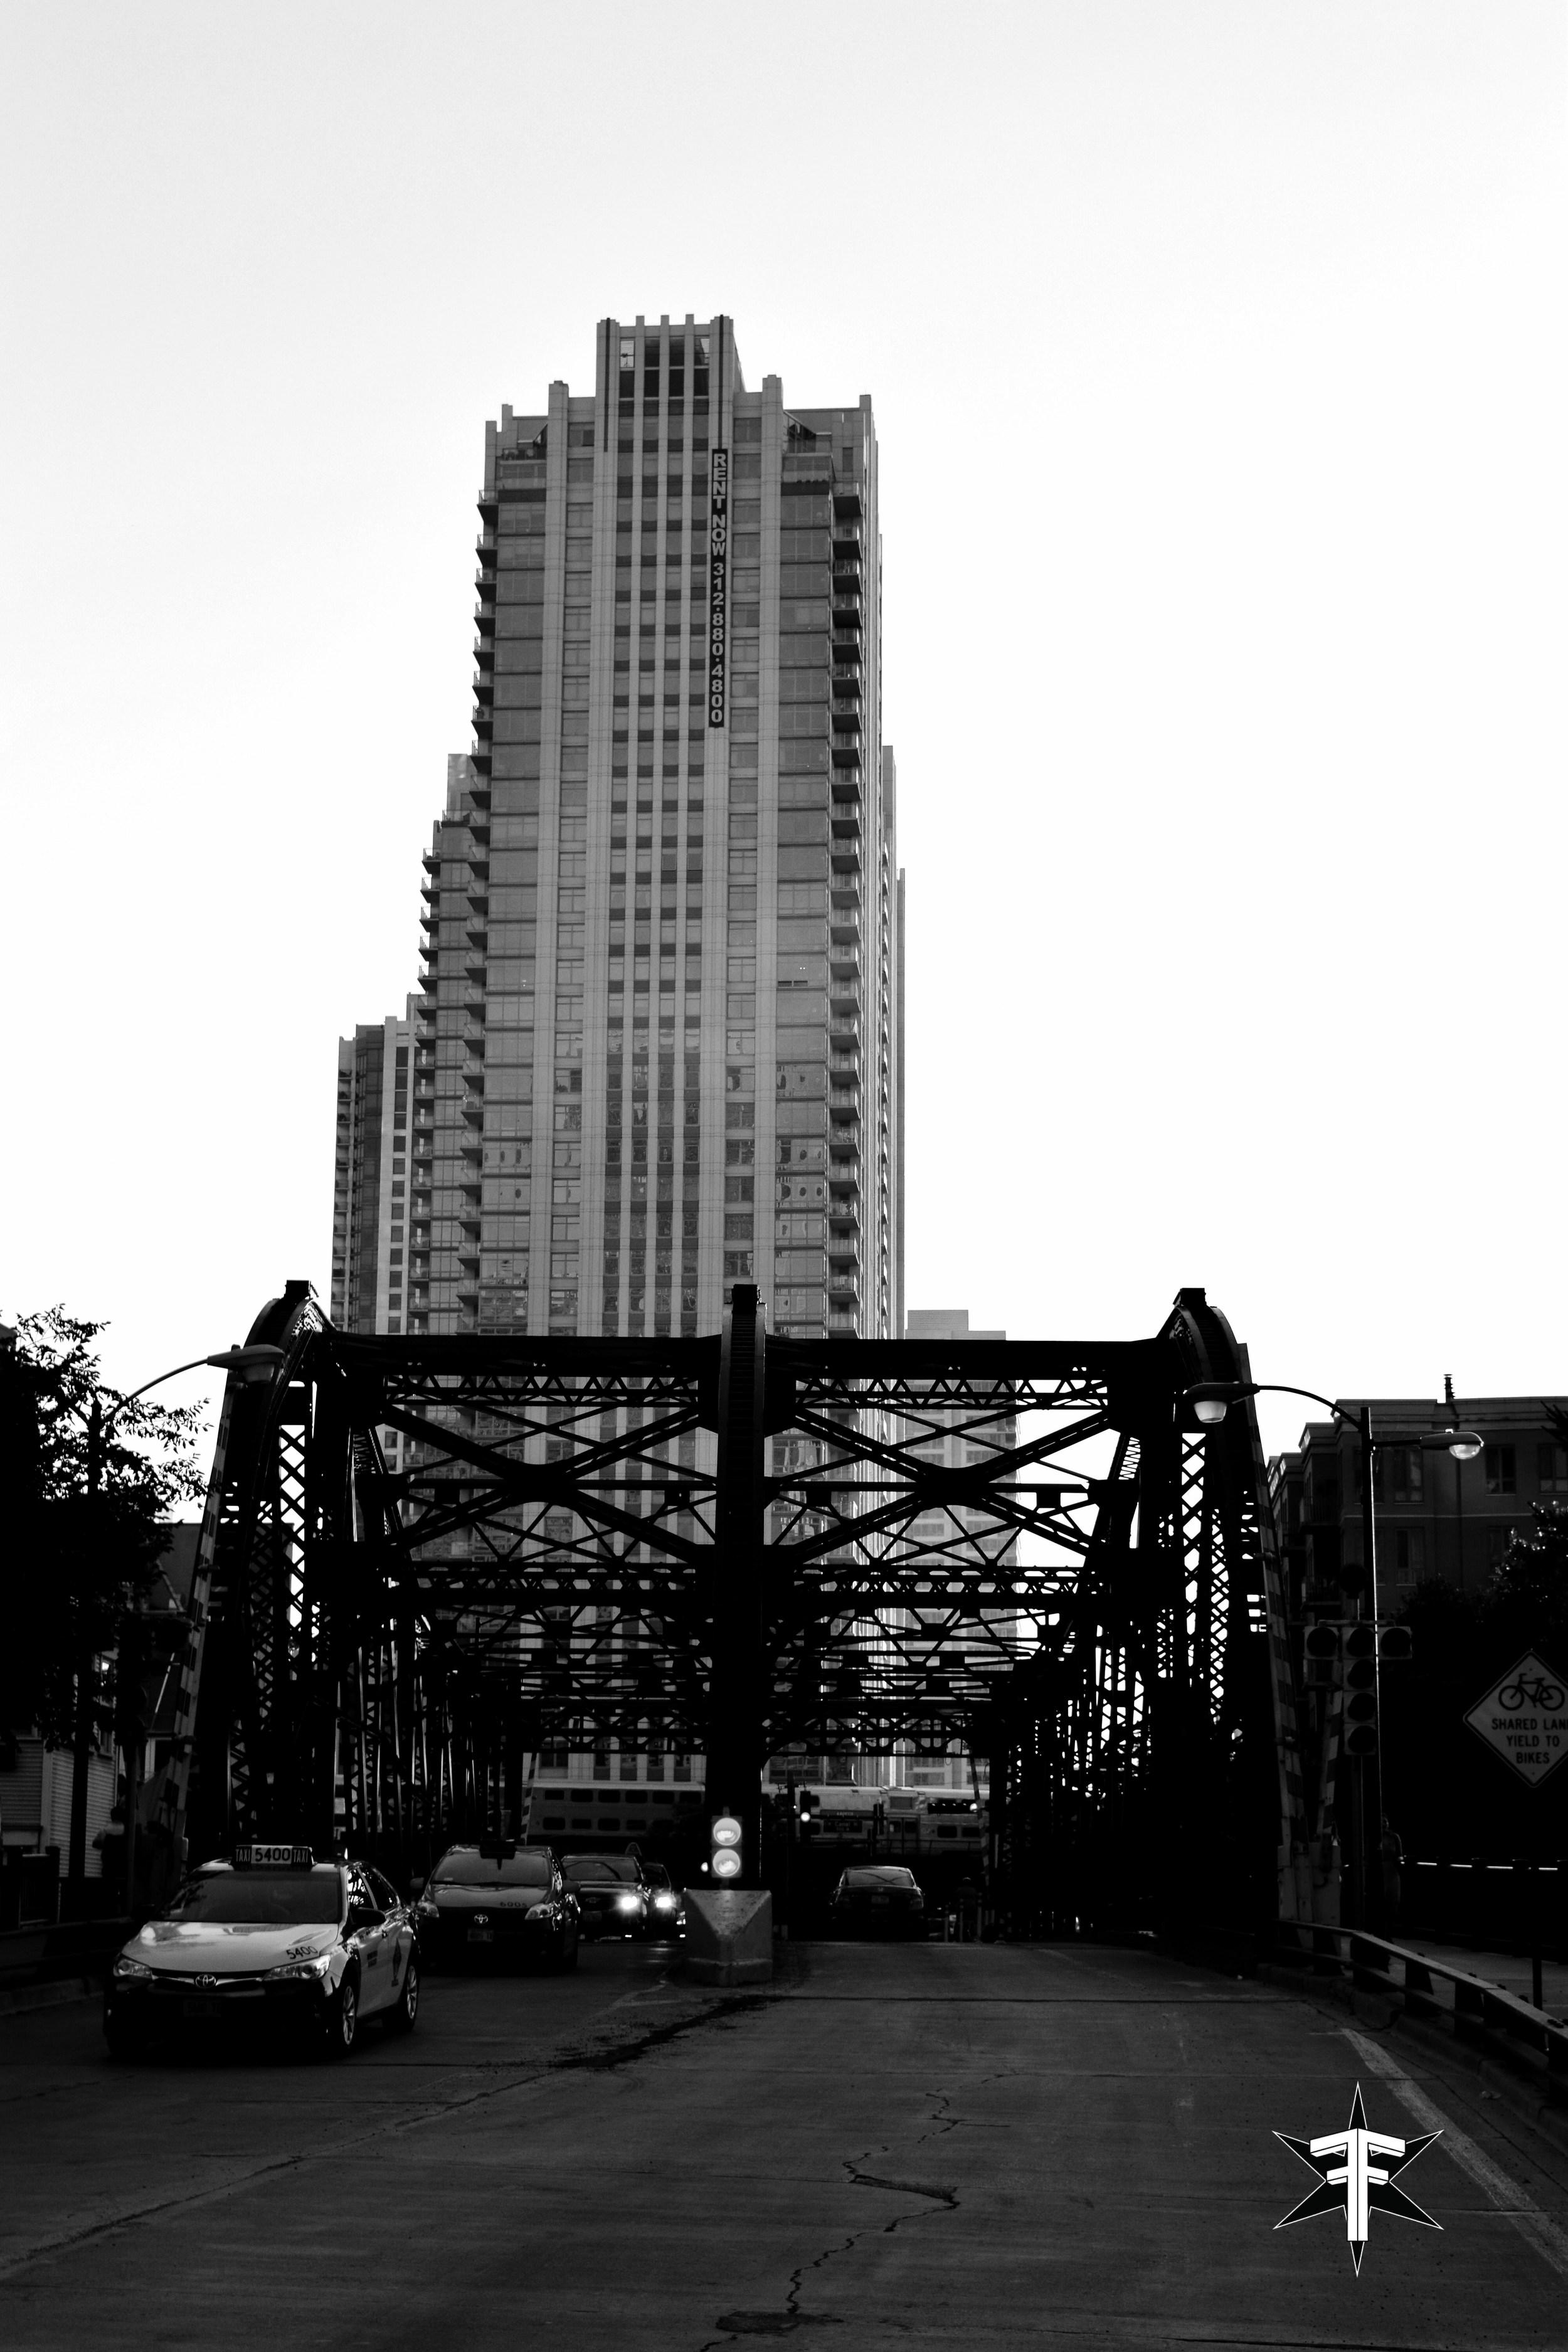 chicago architecture eric formato photography design arquitectura architettura buildings skyscraper skyscrapers-106.jpg